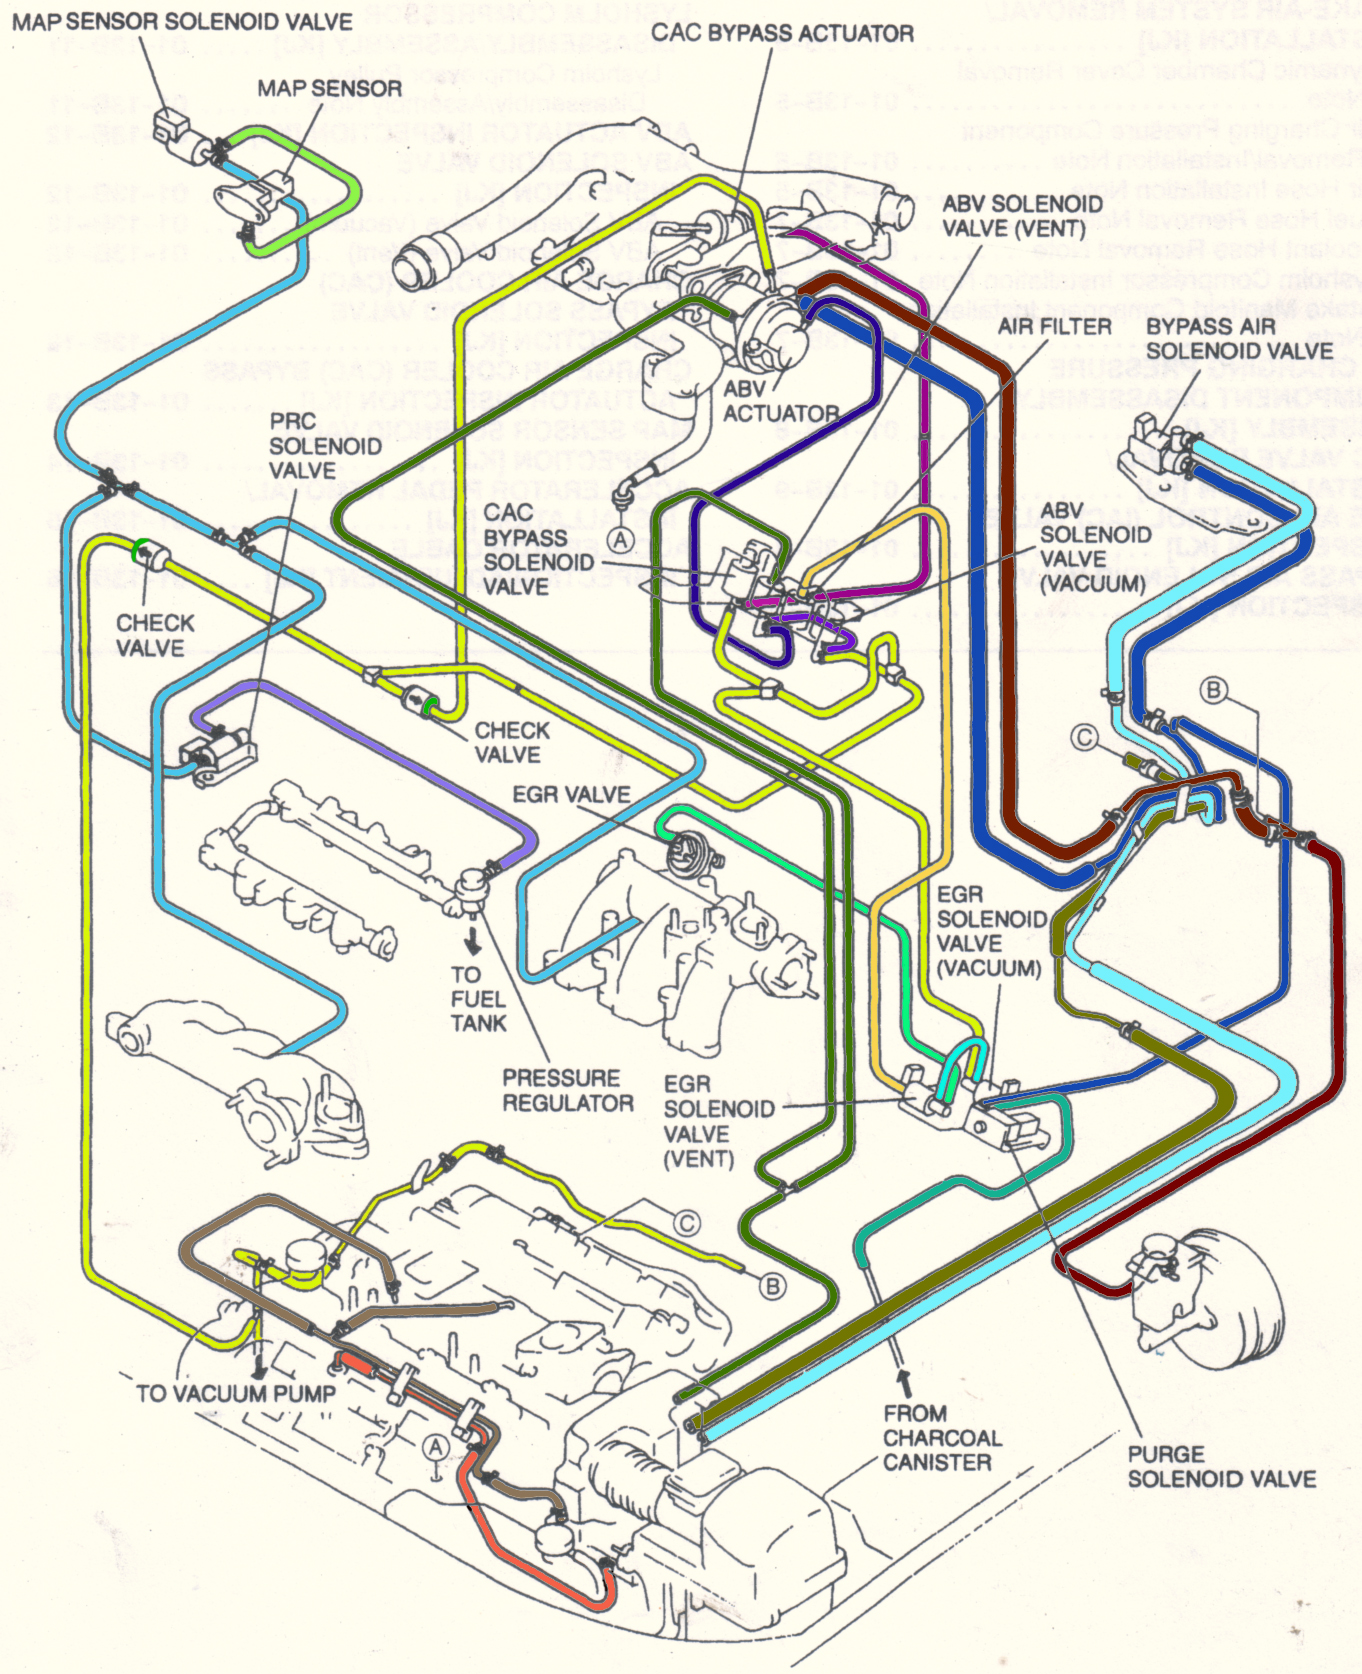 millenia s vacuum diagram | mazda world forum  mazda world forum